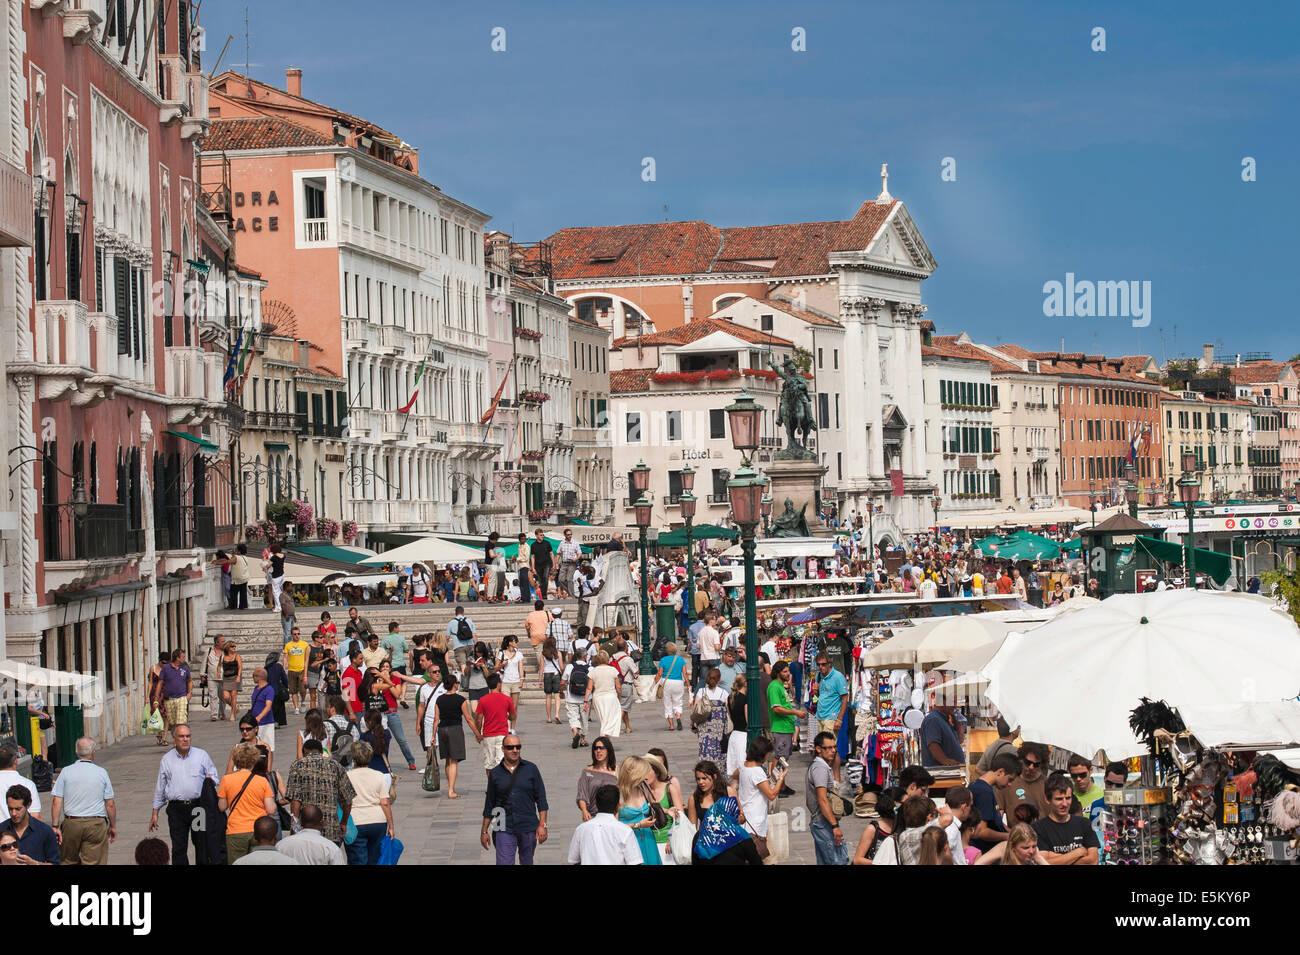 The Riva degli Schiavoni quay, Venice, Veneto, Italy - Stock Image